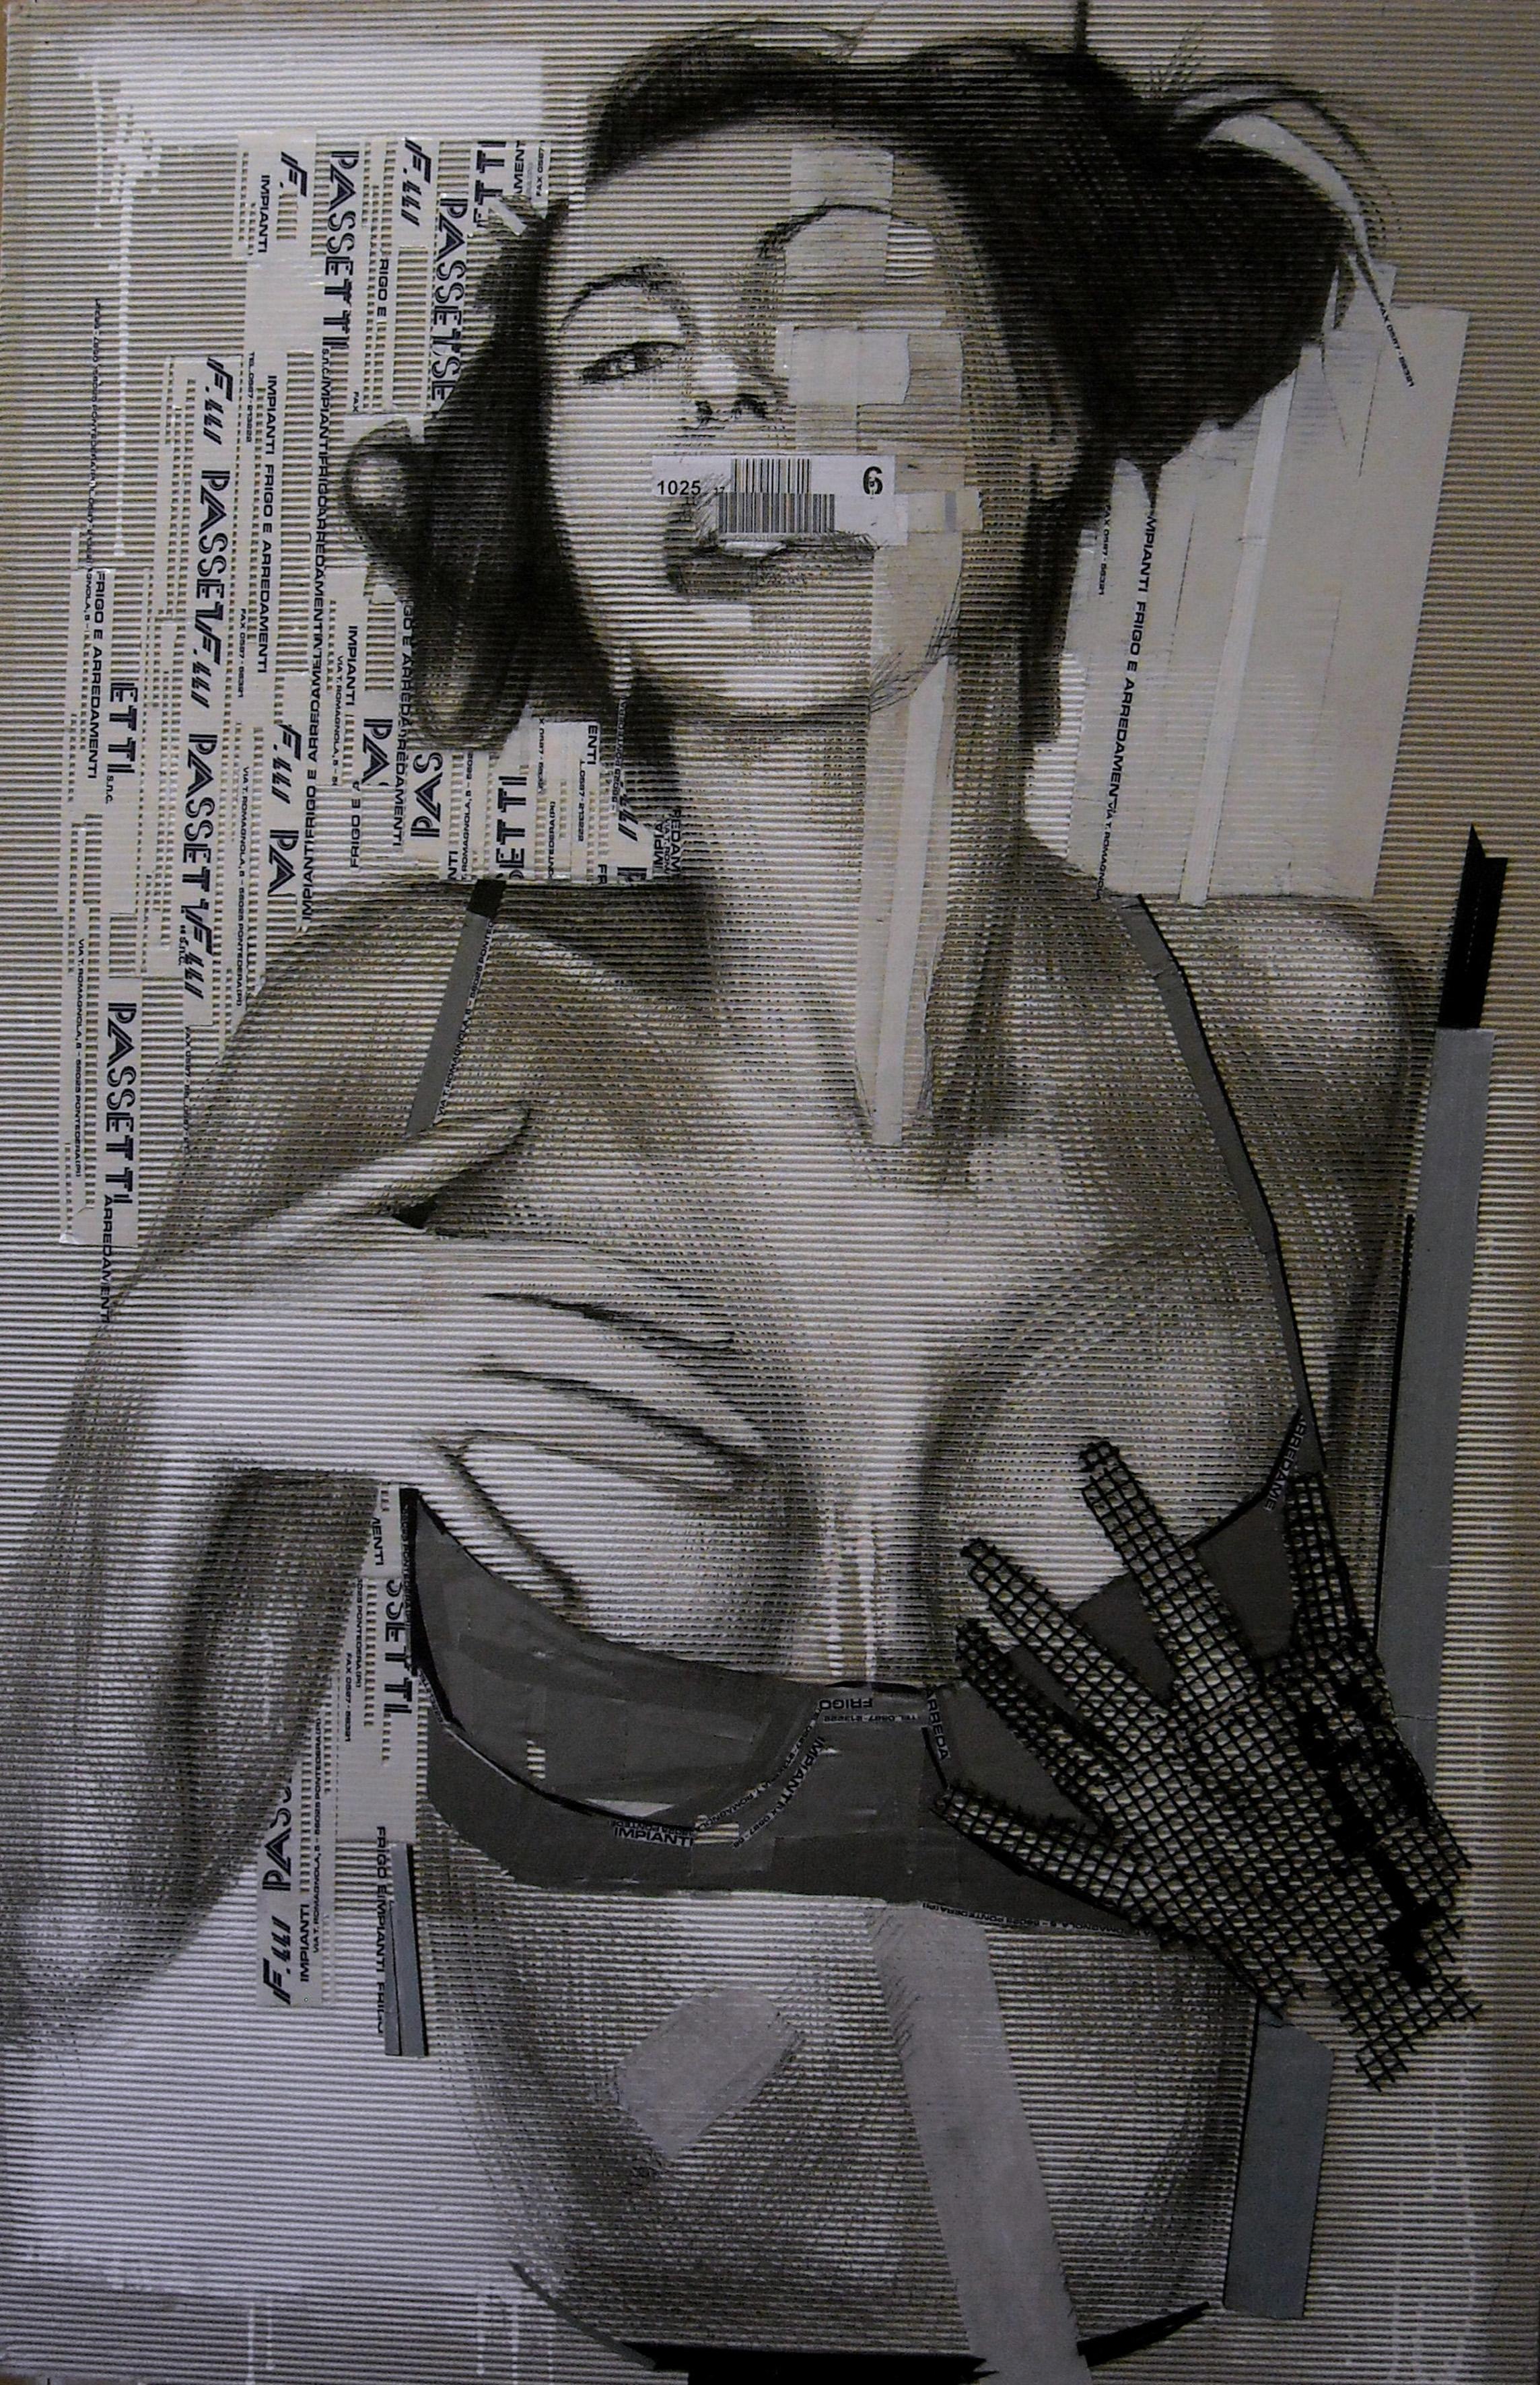 la donna dalle chiome nere